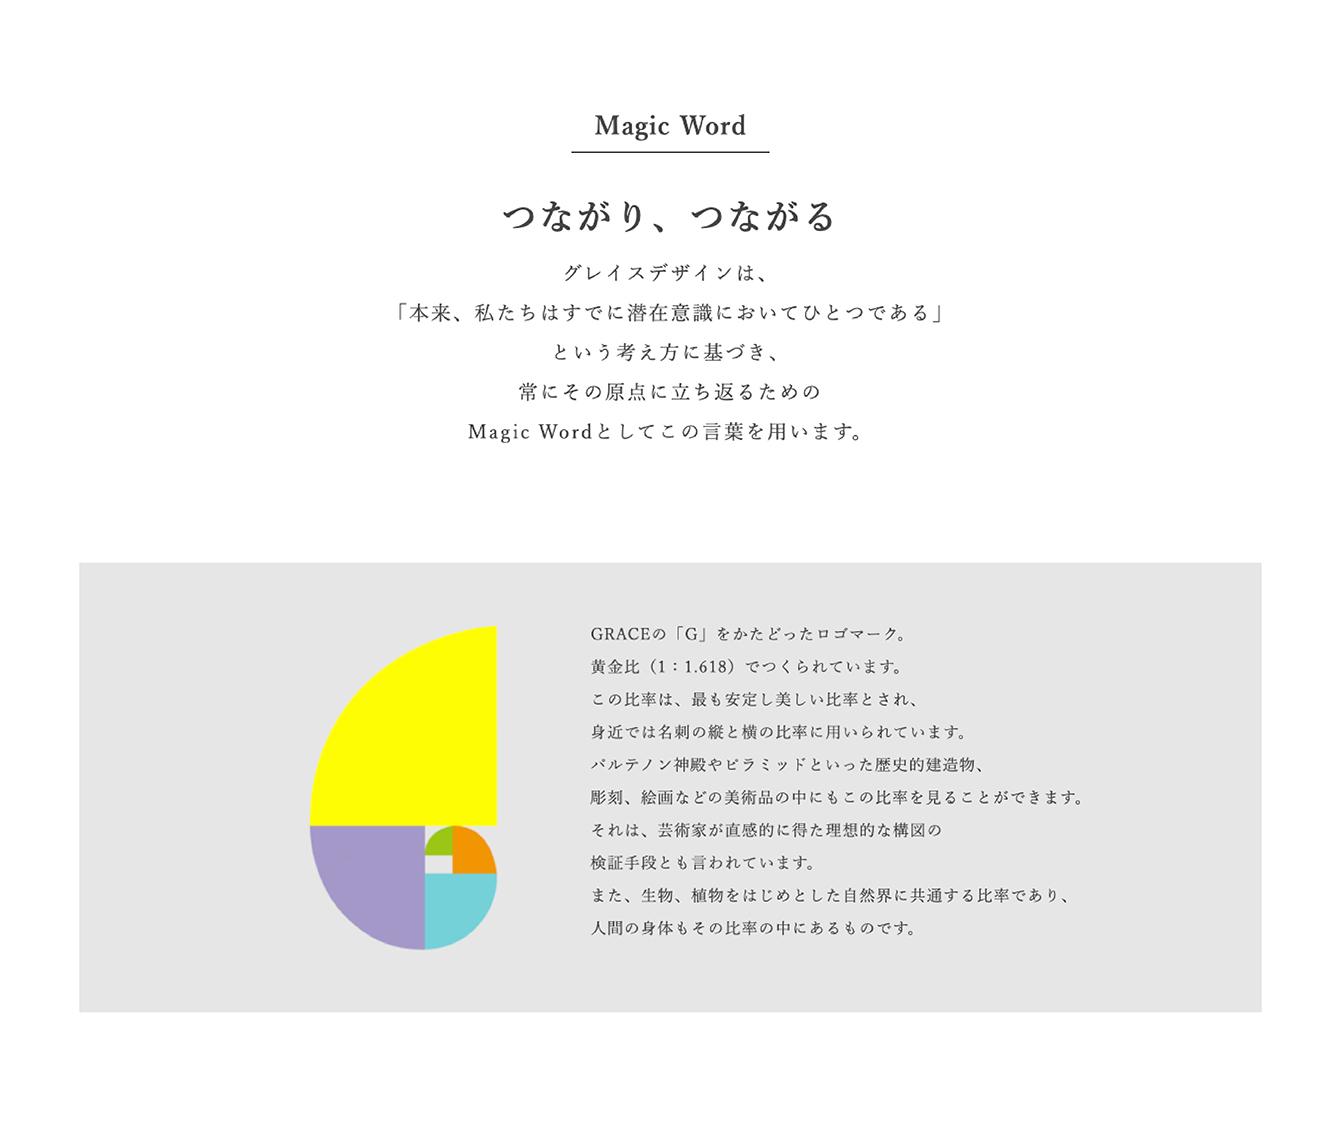 株式会社グレイスデザイン